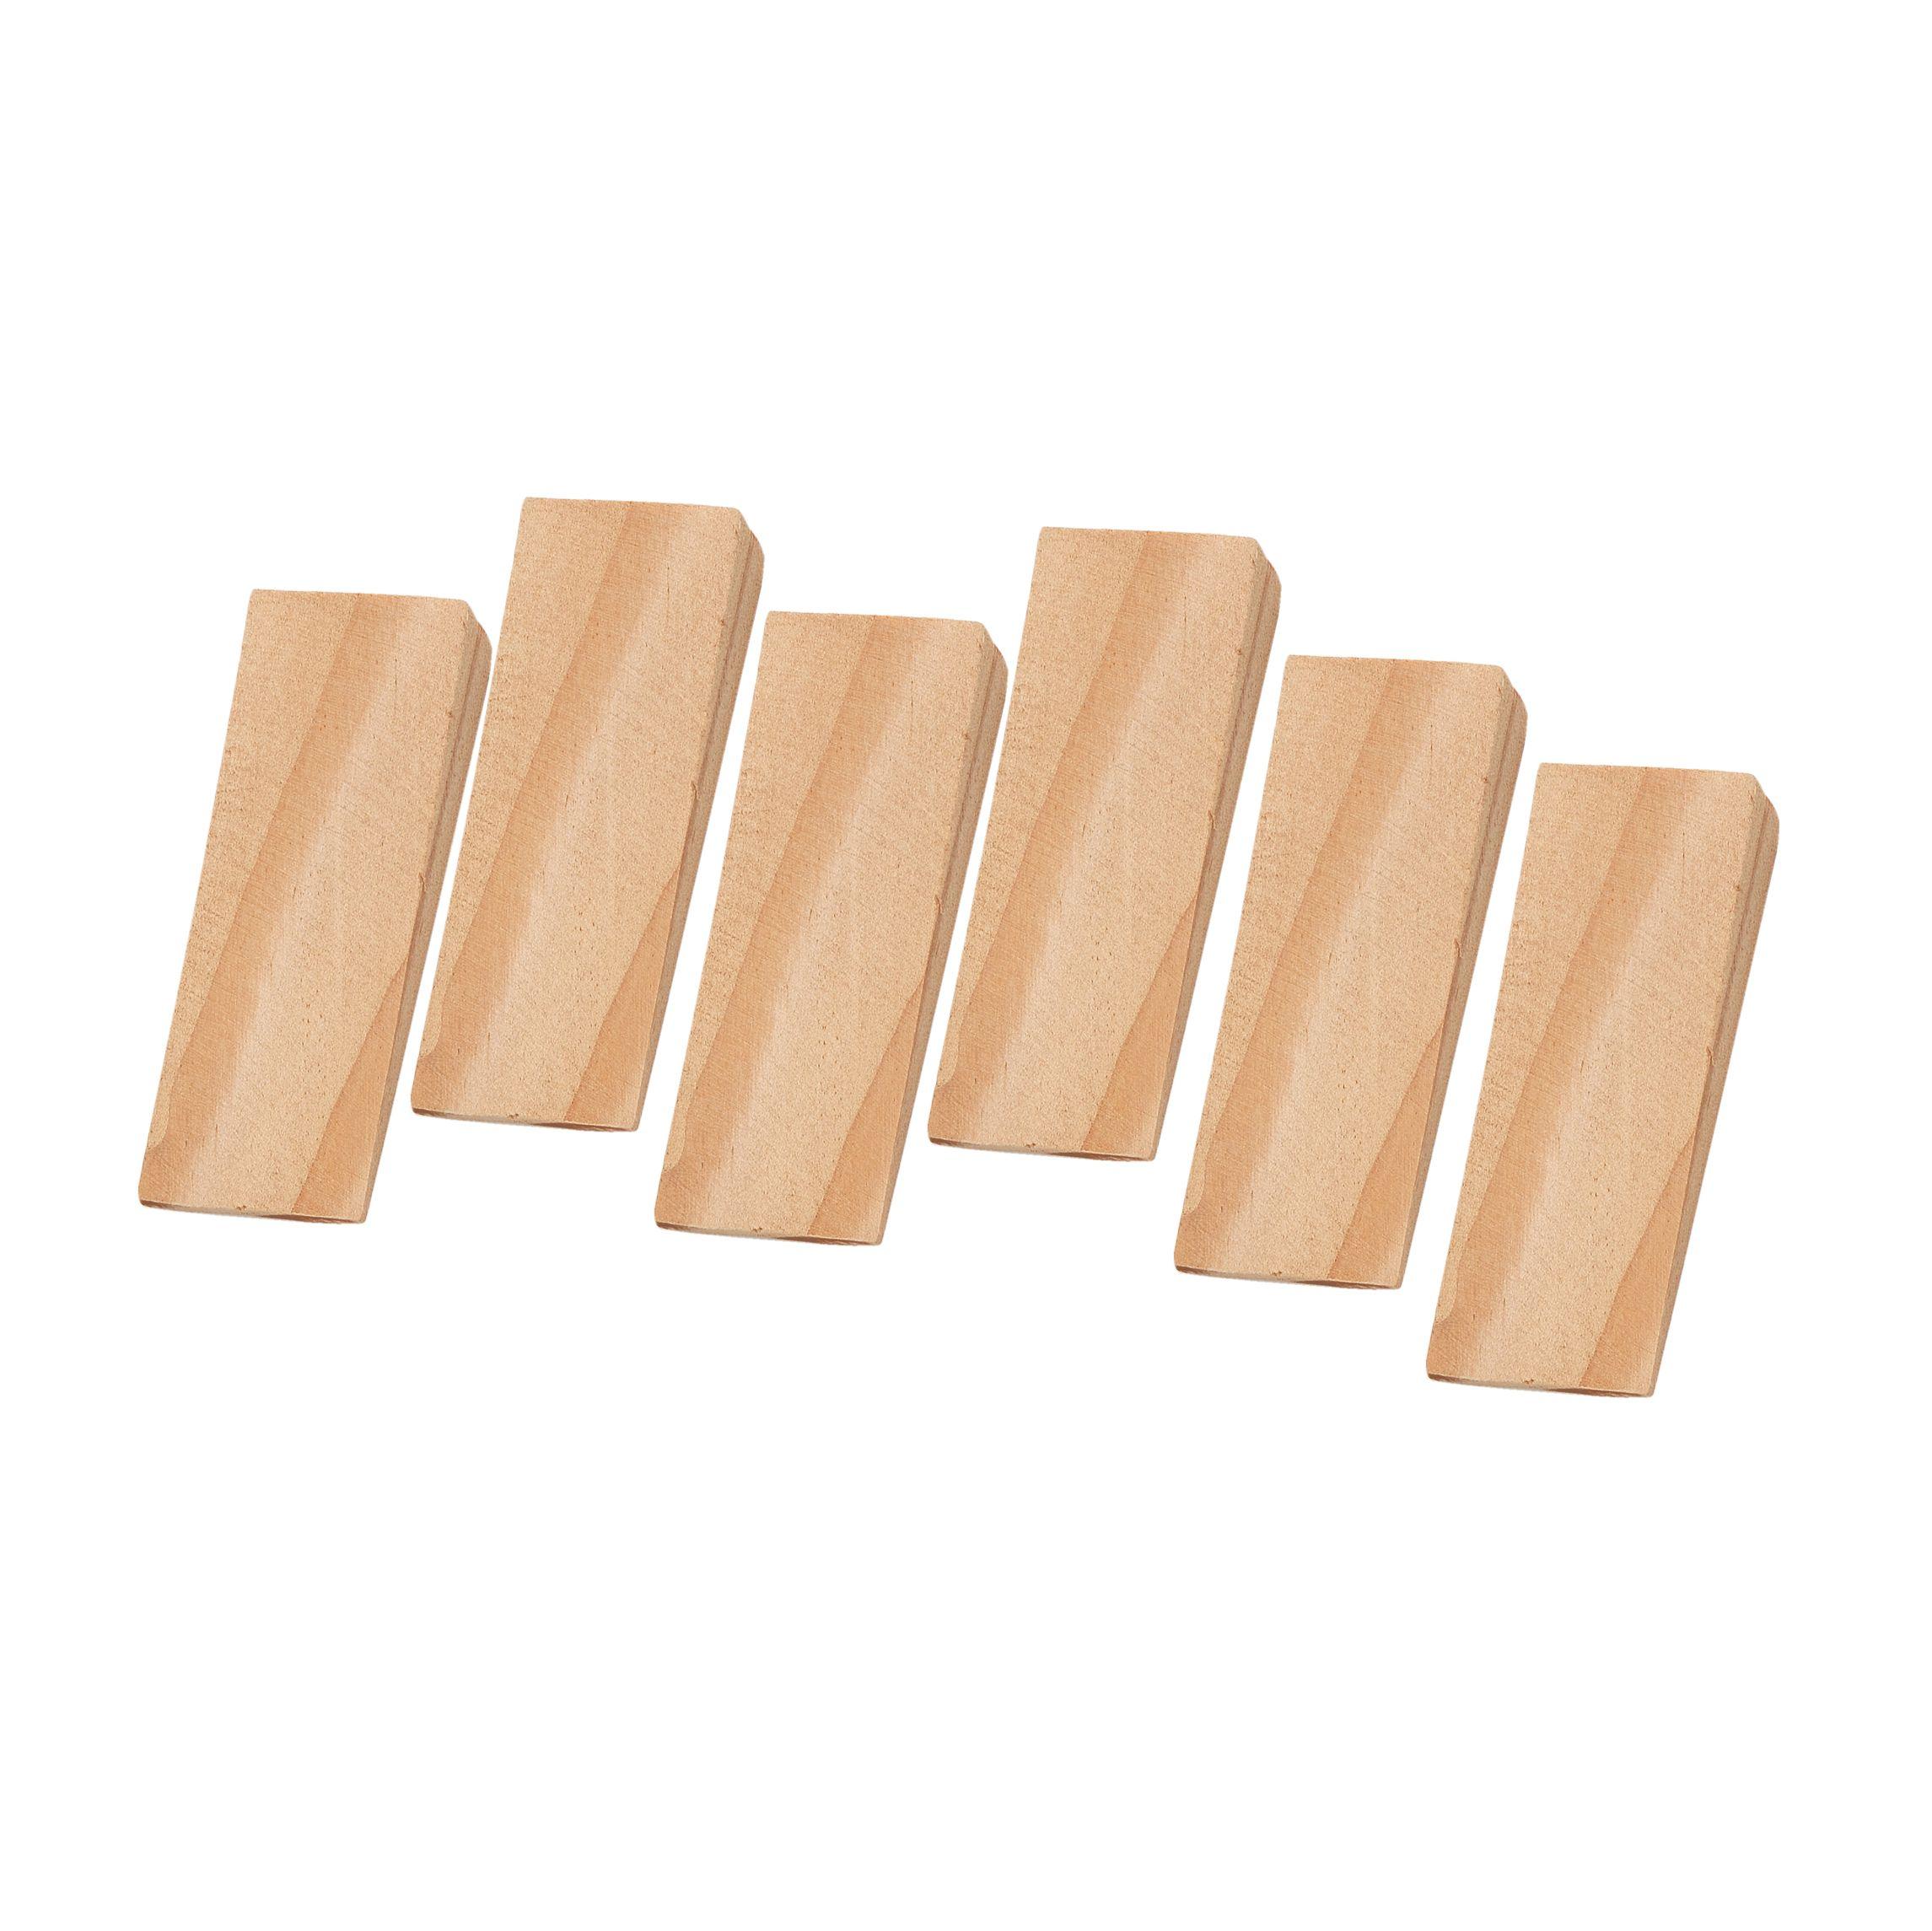 B&Q Wood Door Wedge, Pack of 6   Departments   DIY at B&Q